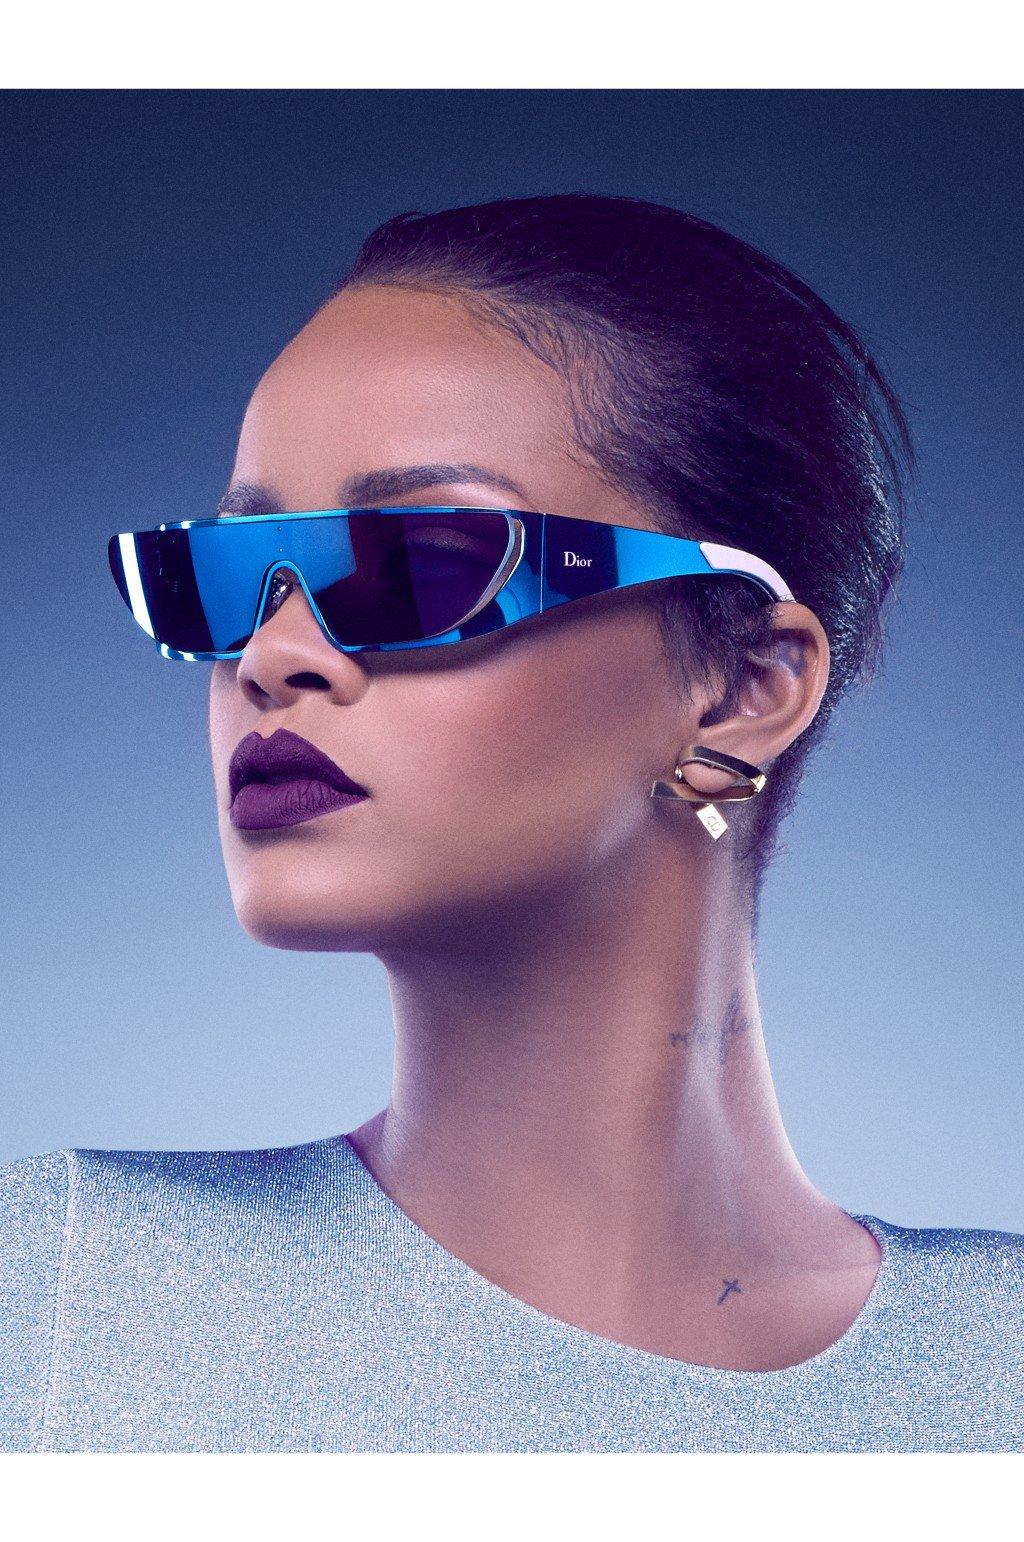 a35e5e4cd637 Rihanna i Dior stworzyli kolekcję okularów przeciwsłonecznych ...